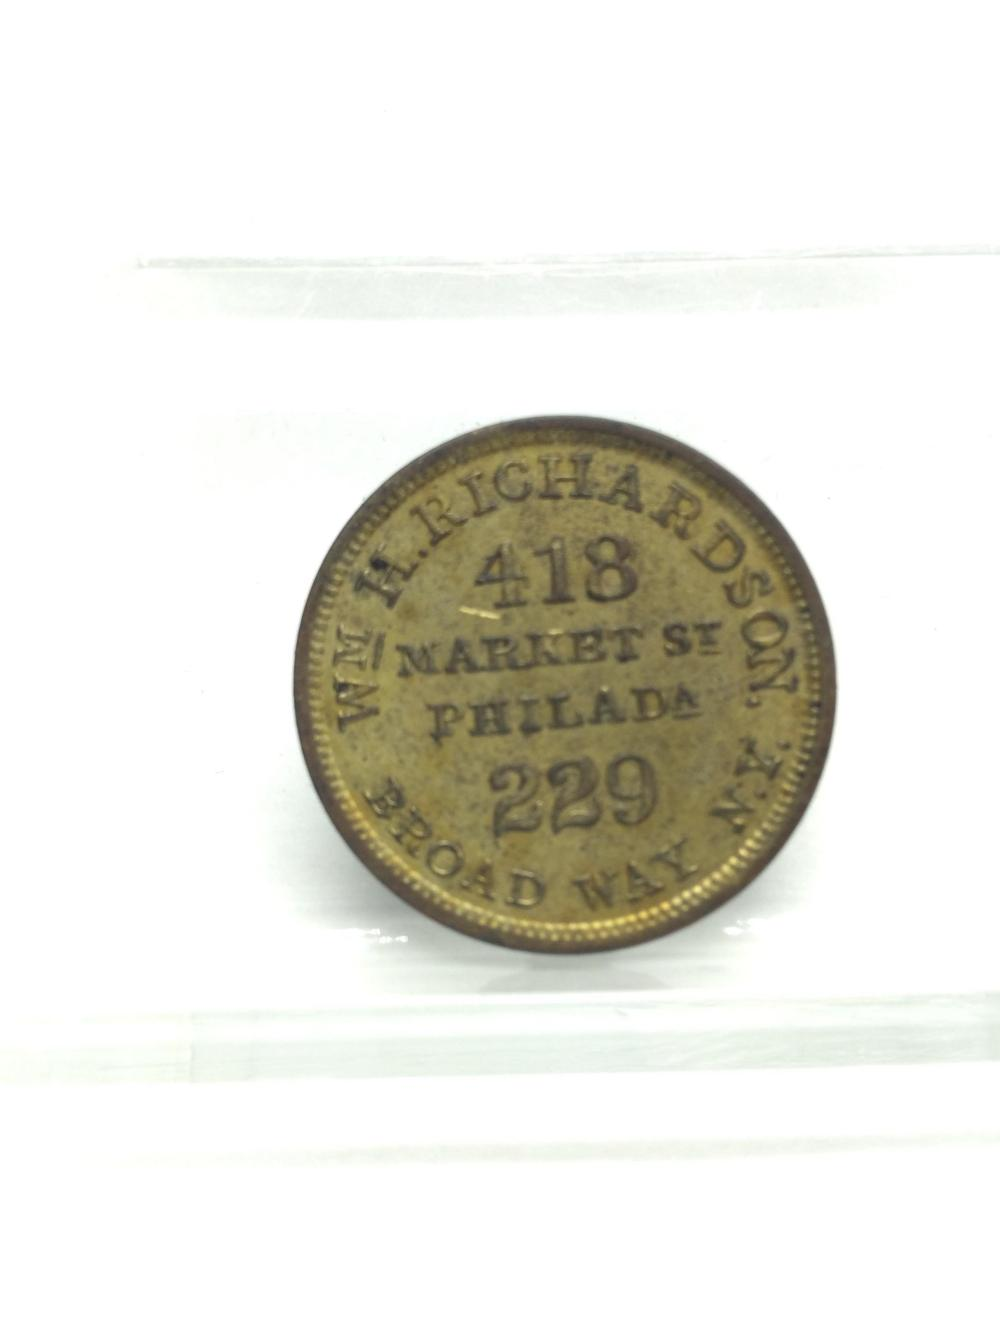 1858 Umbrella Vendor Coin